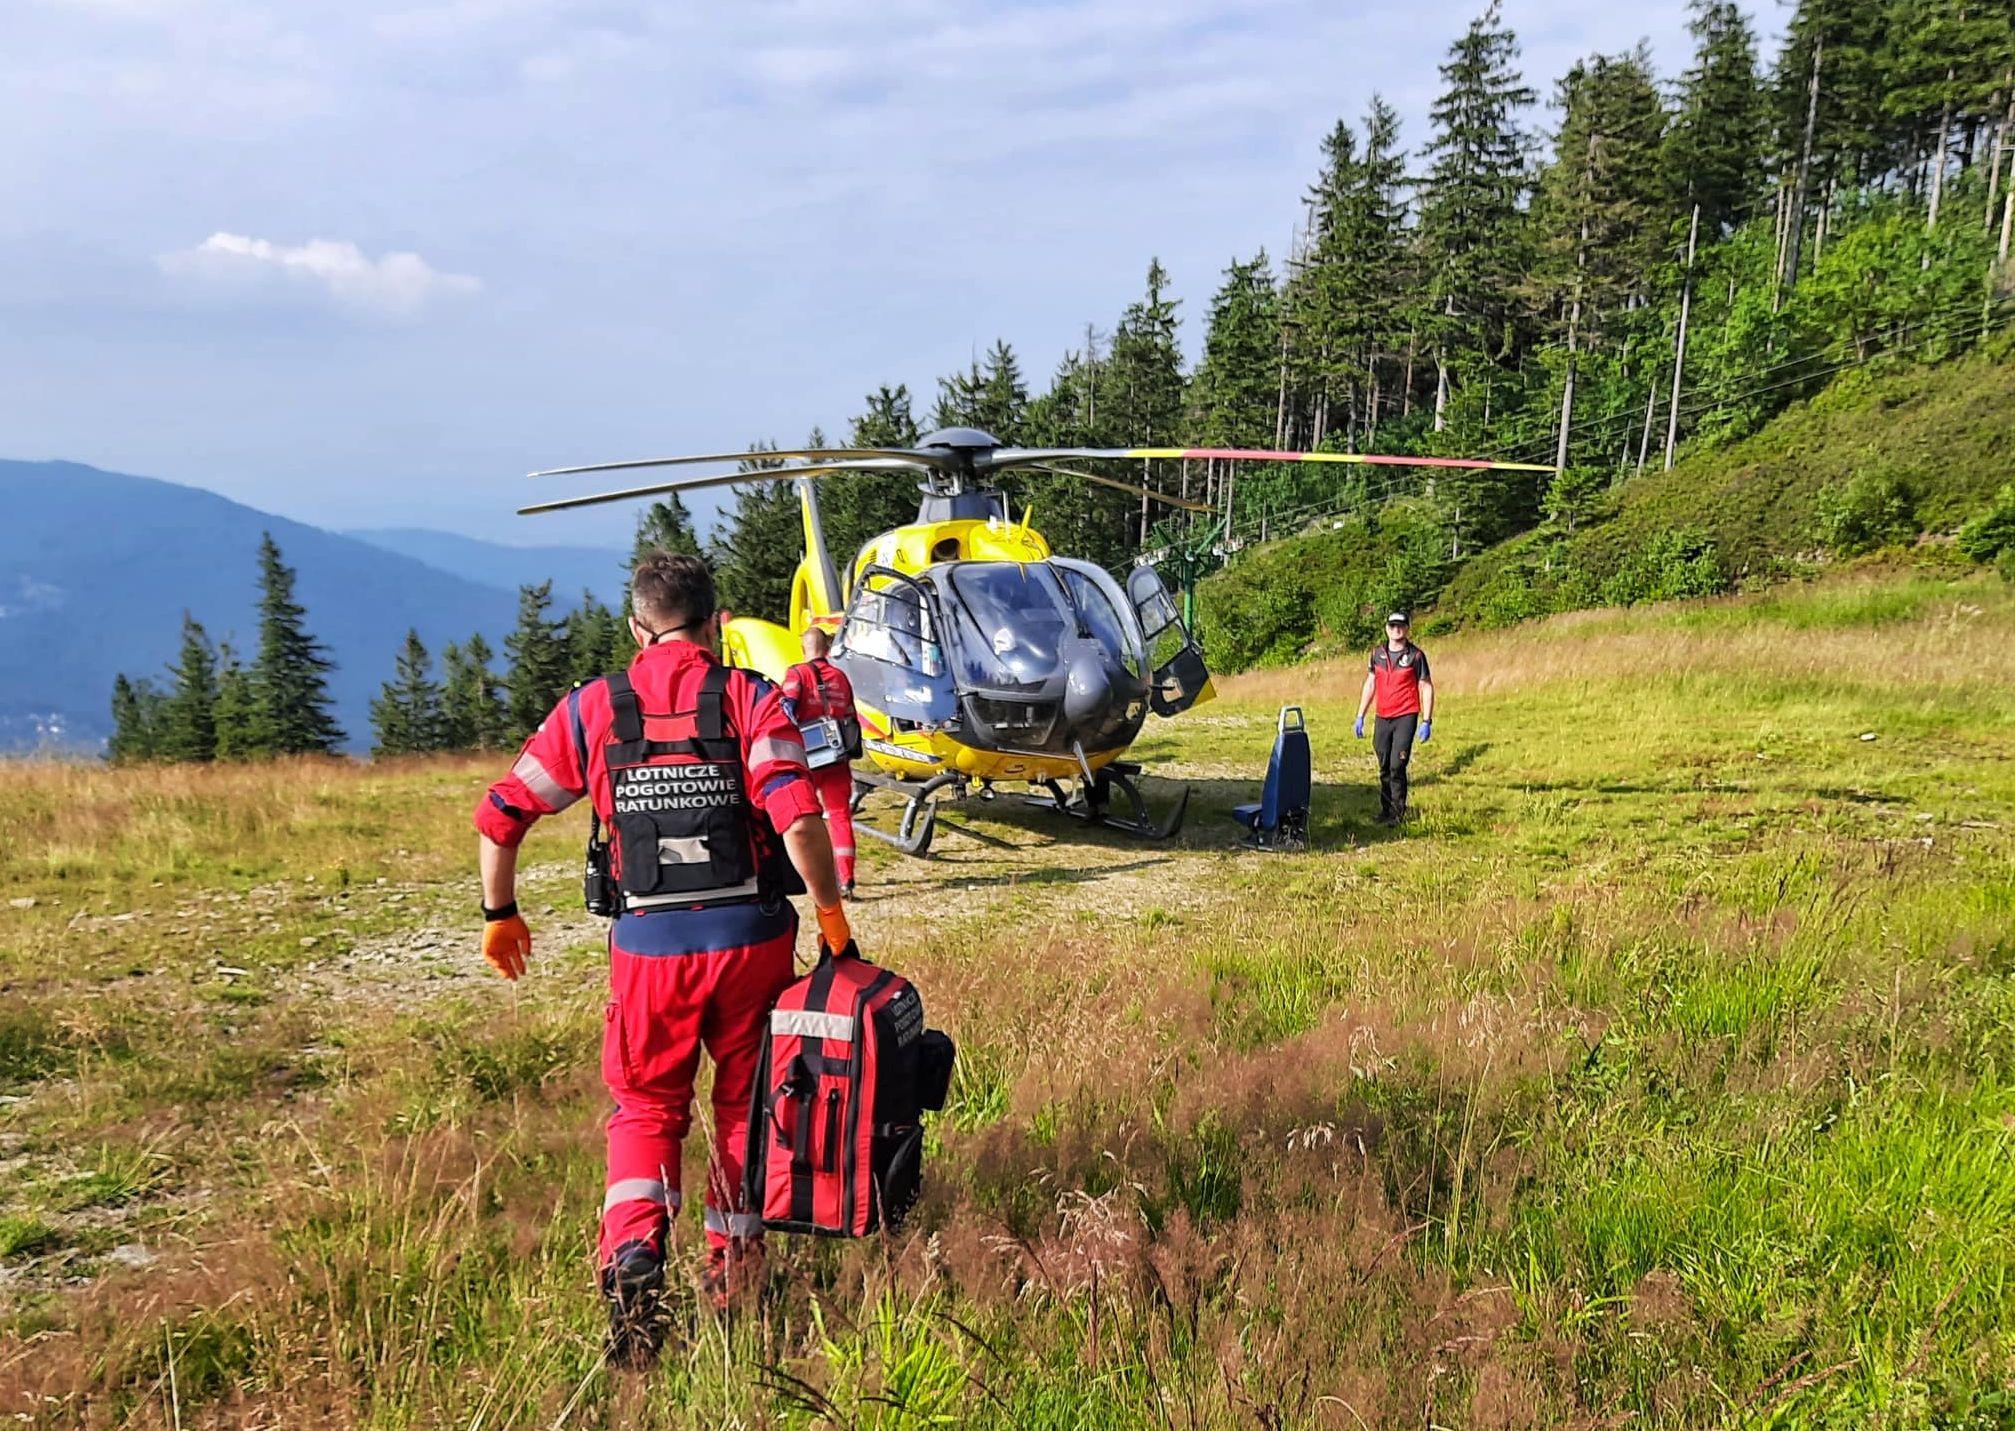 Coraz więcej wypadków dzieci w górach